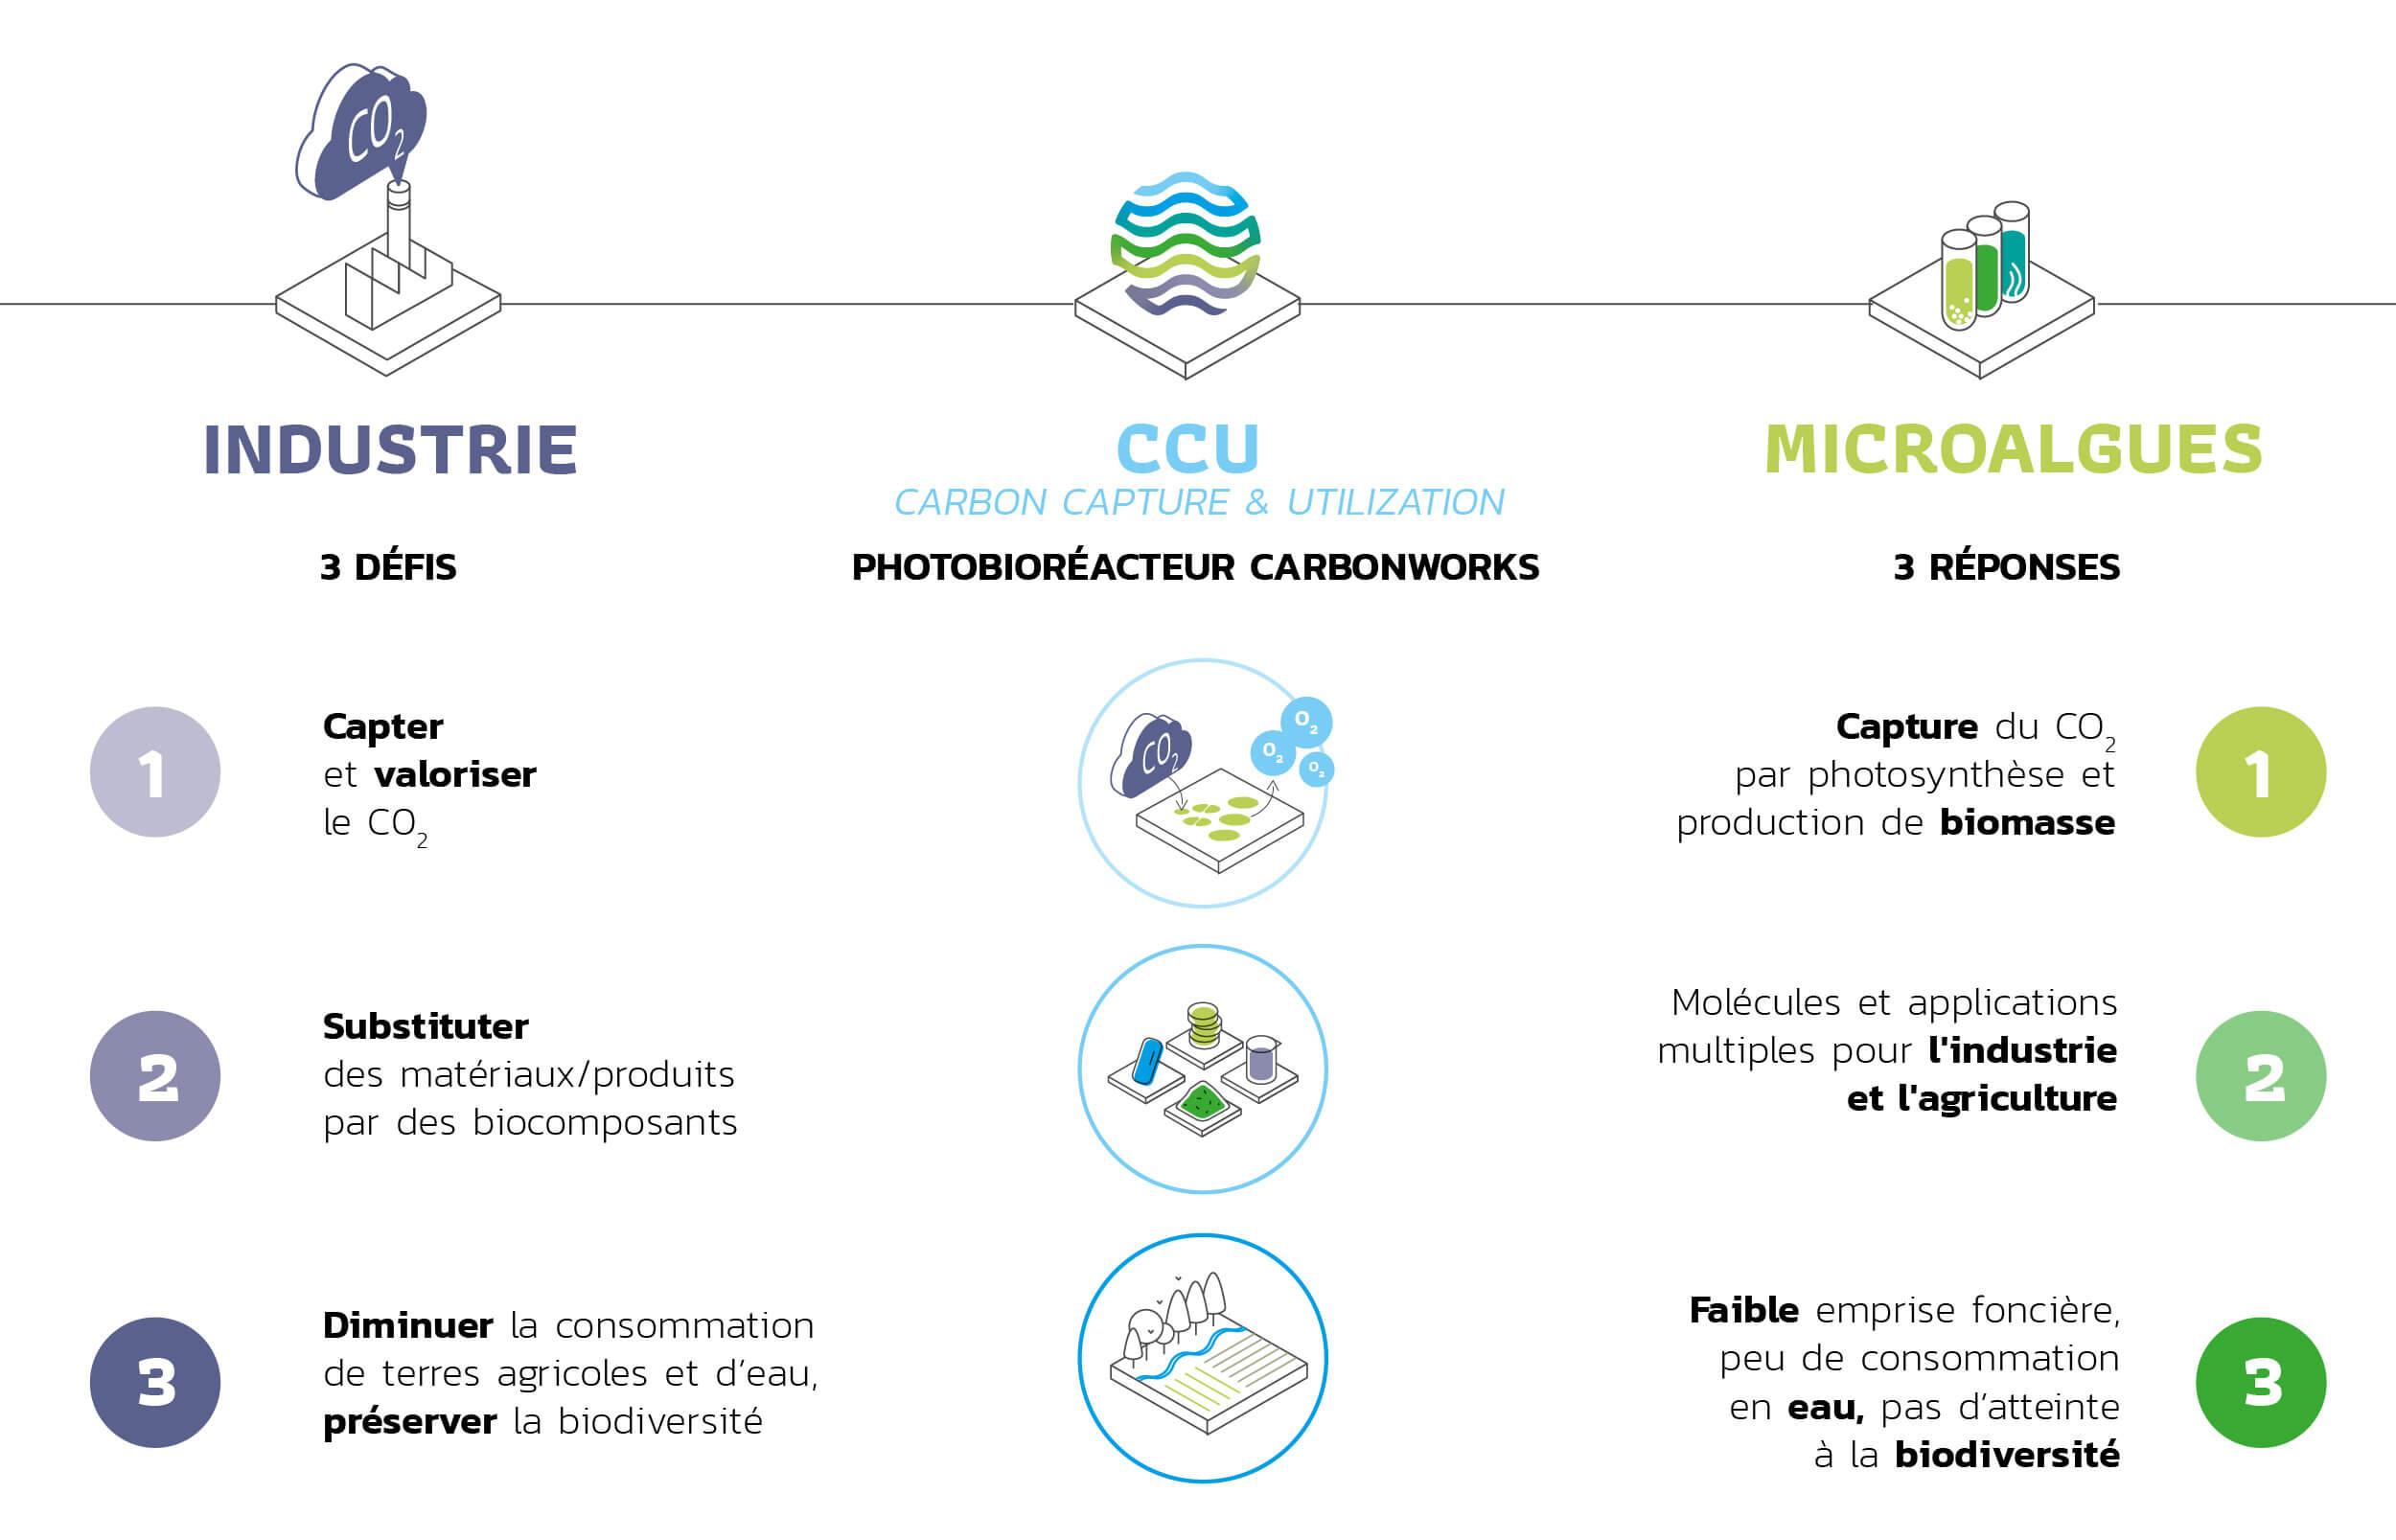 Pourquoi les microalgues